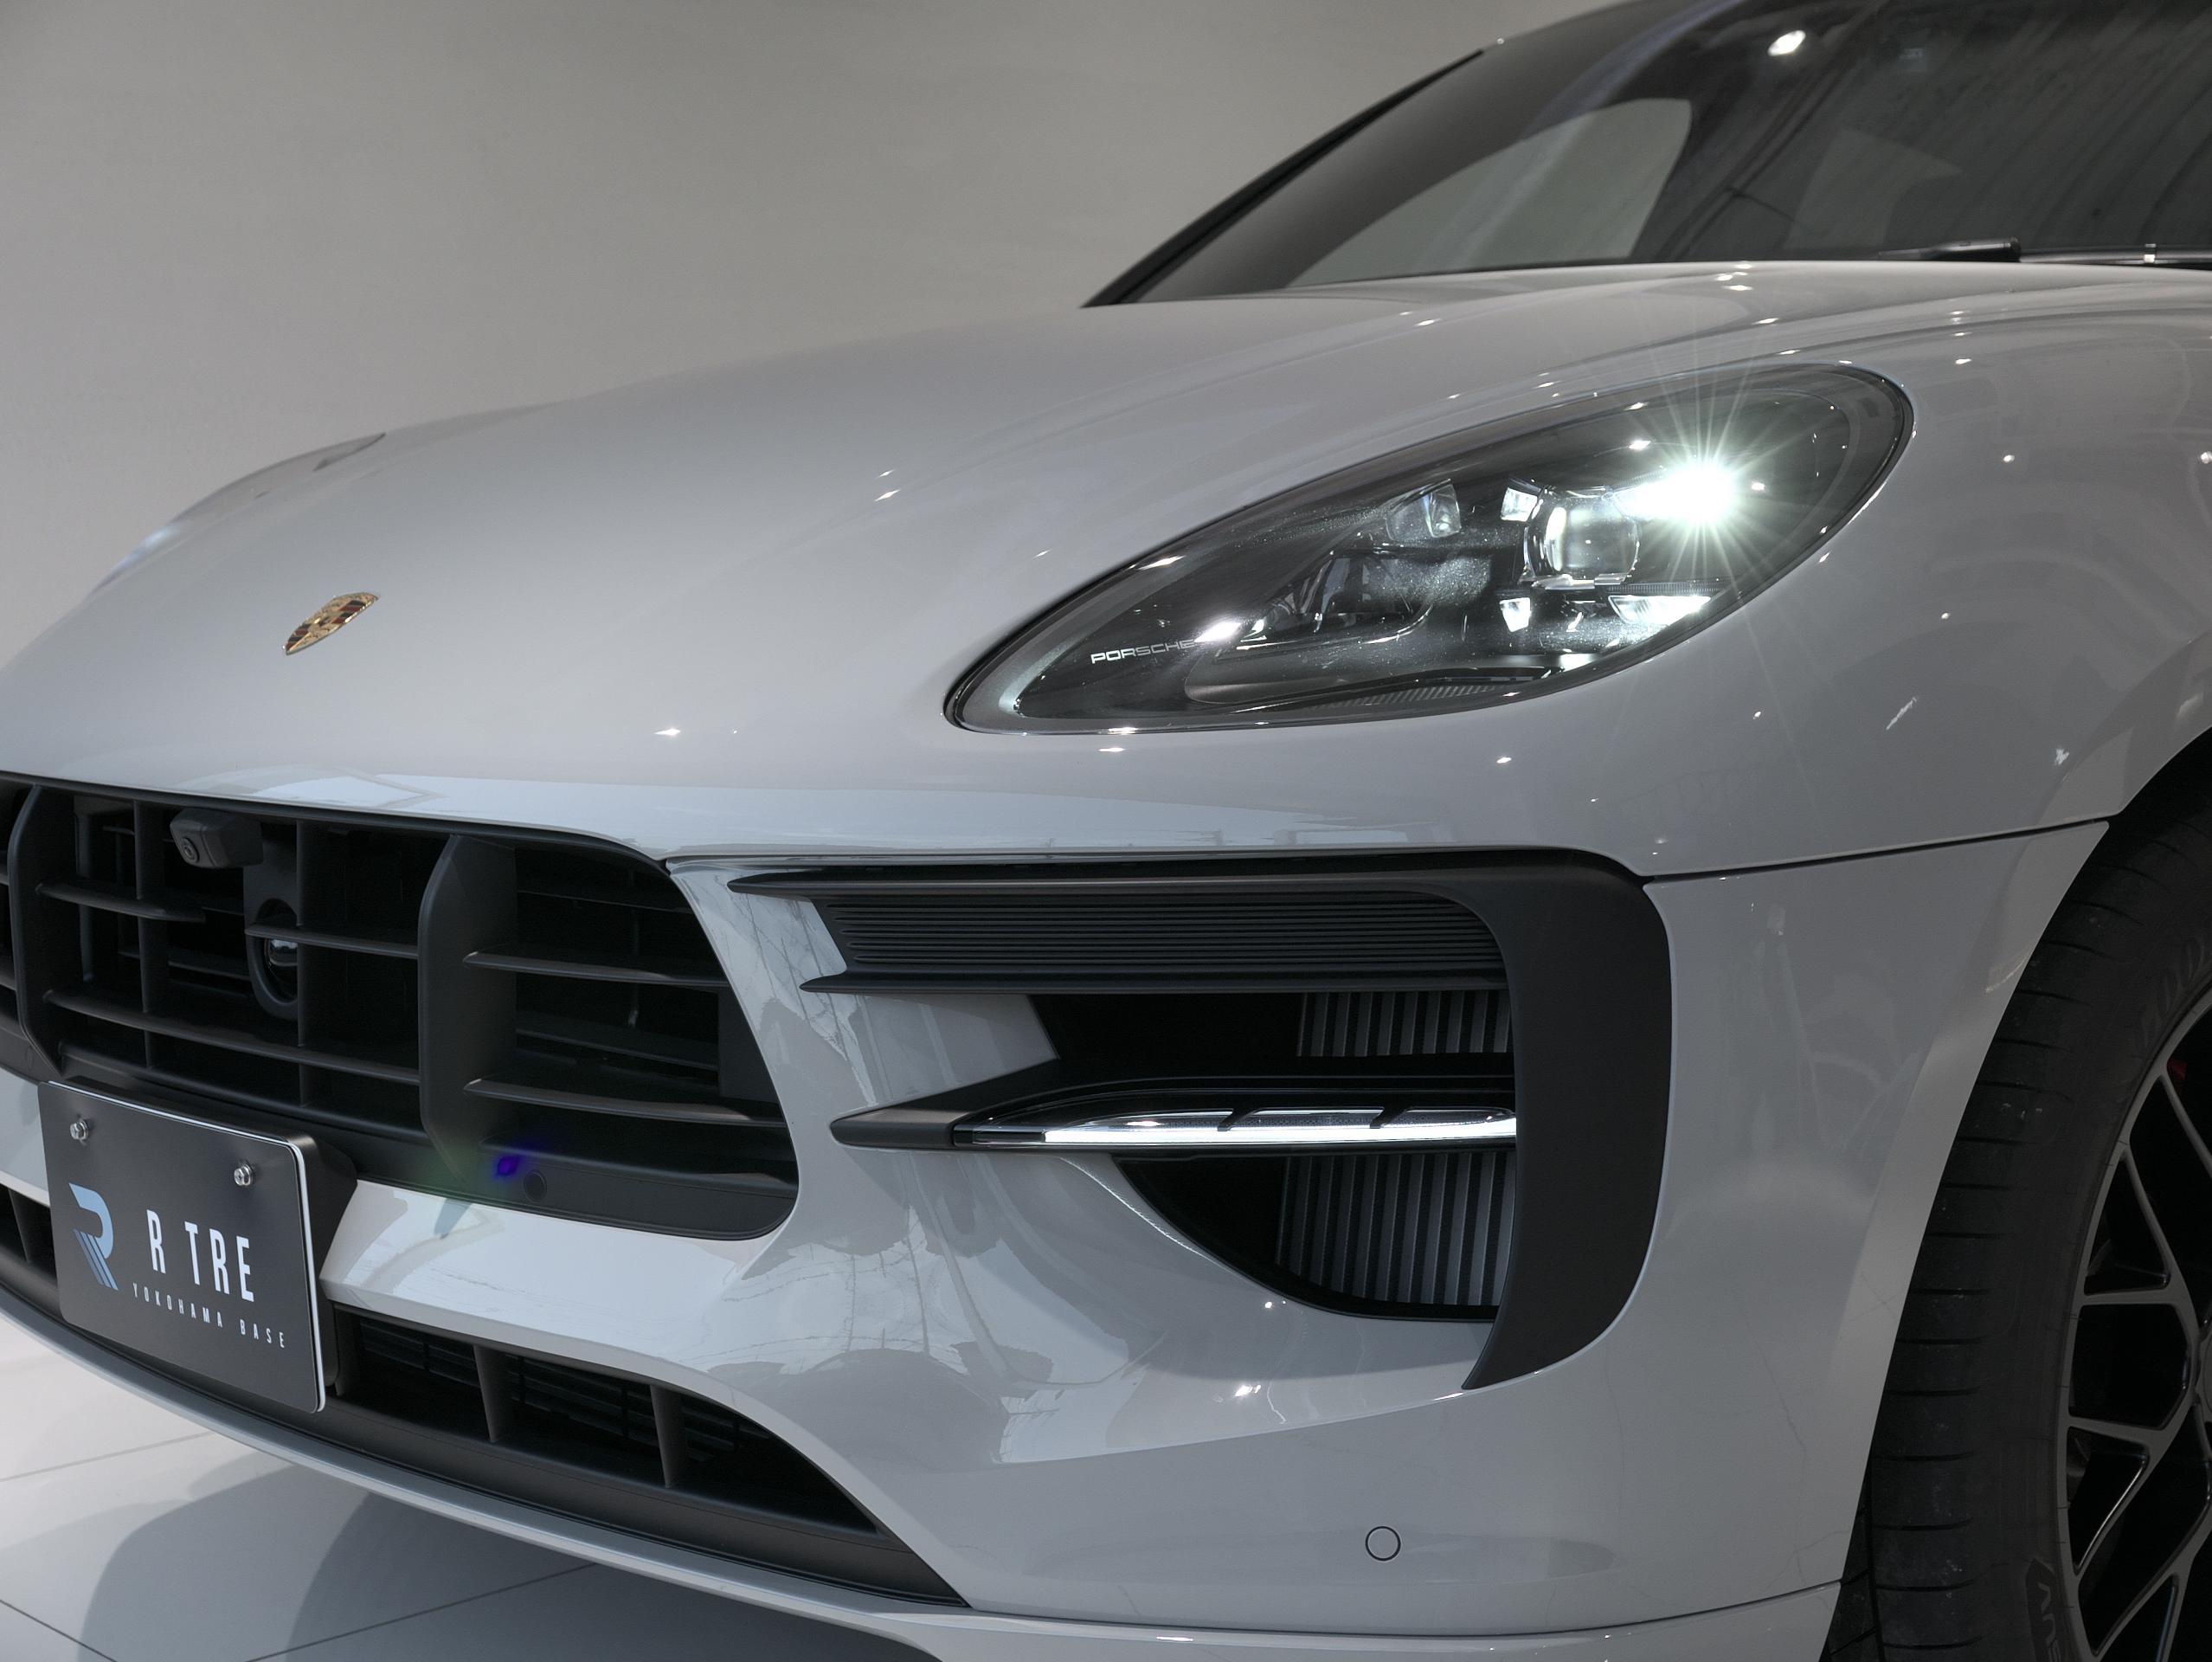 ポルシェ マカン GTS スポーツクロノ ヘッドライト点灯